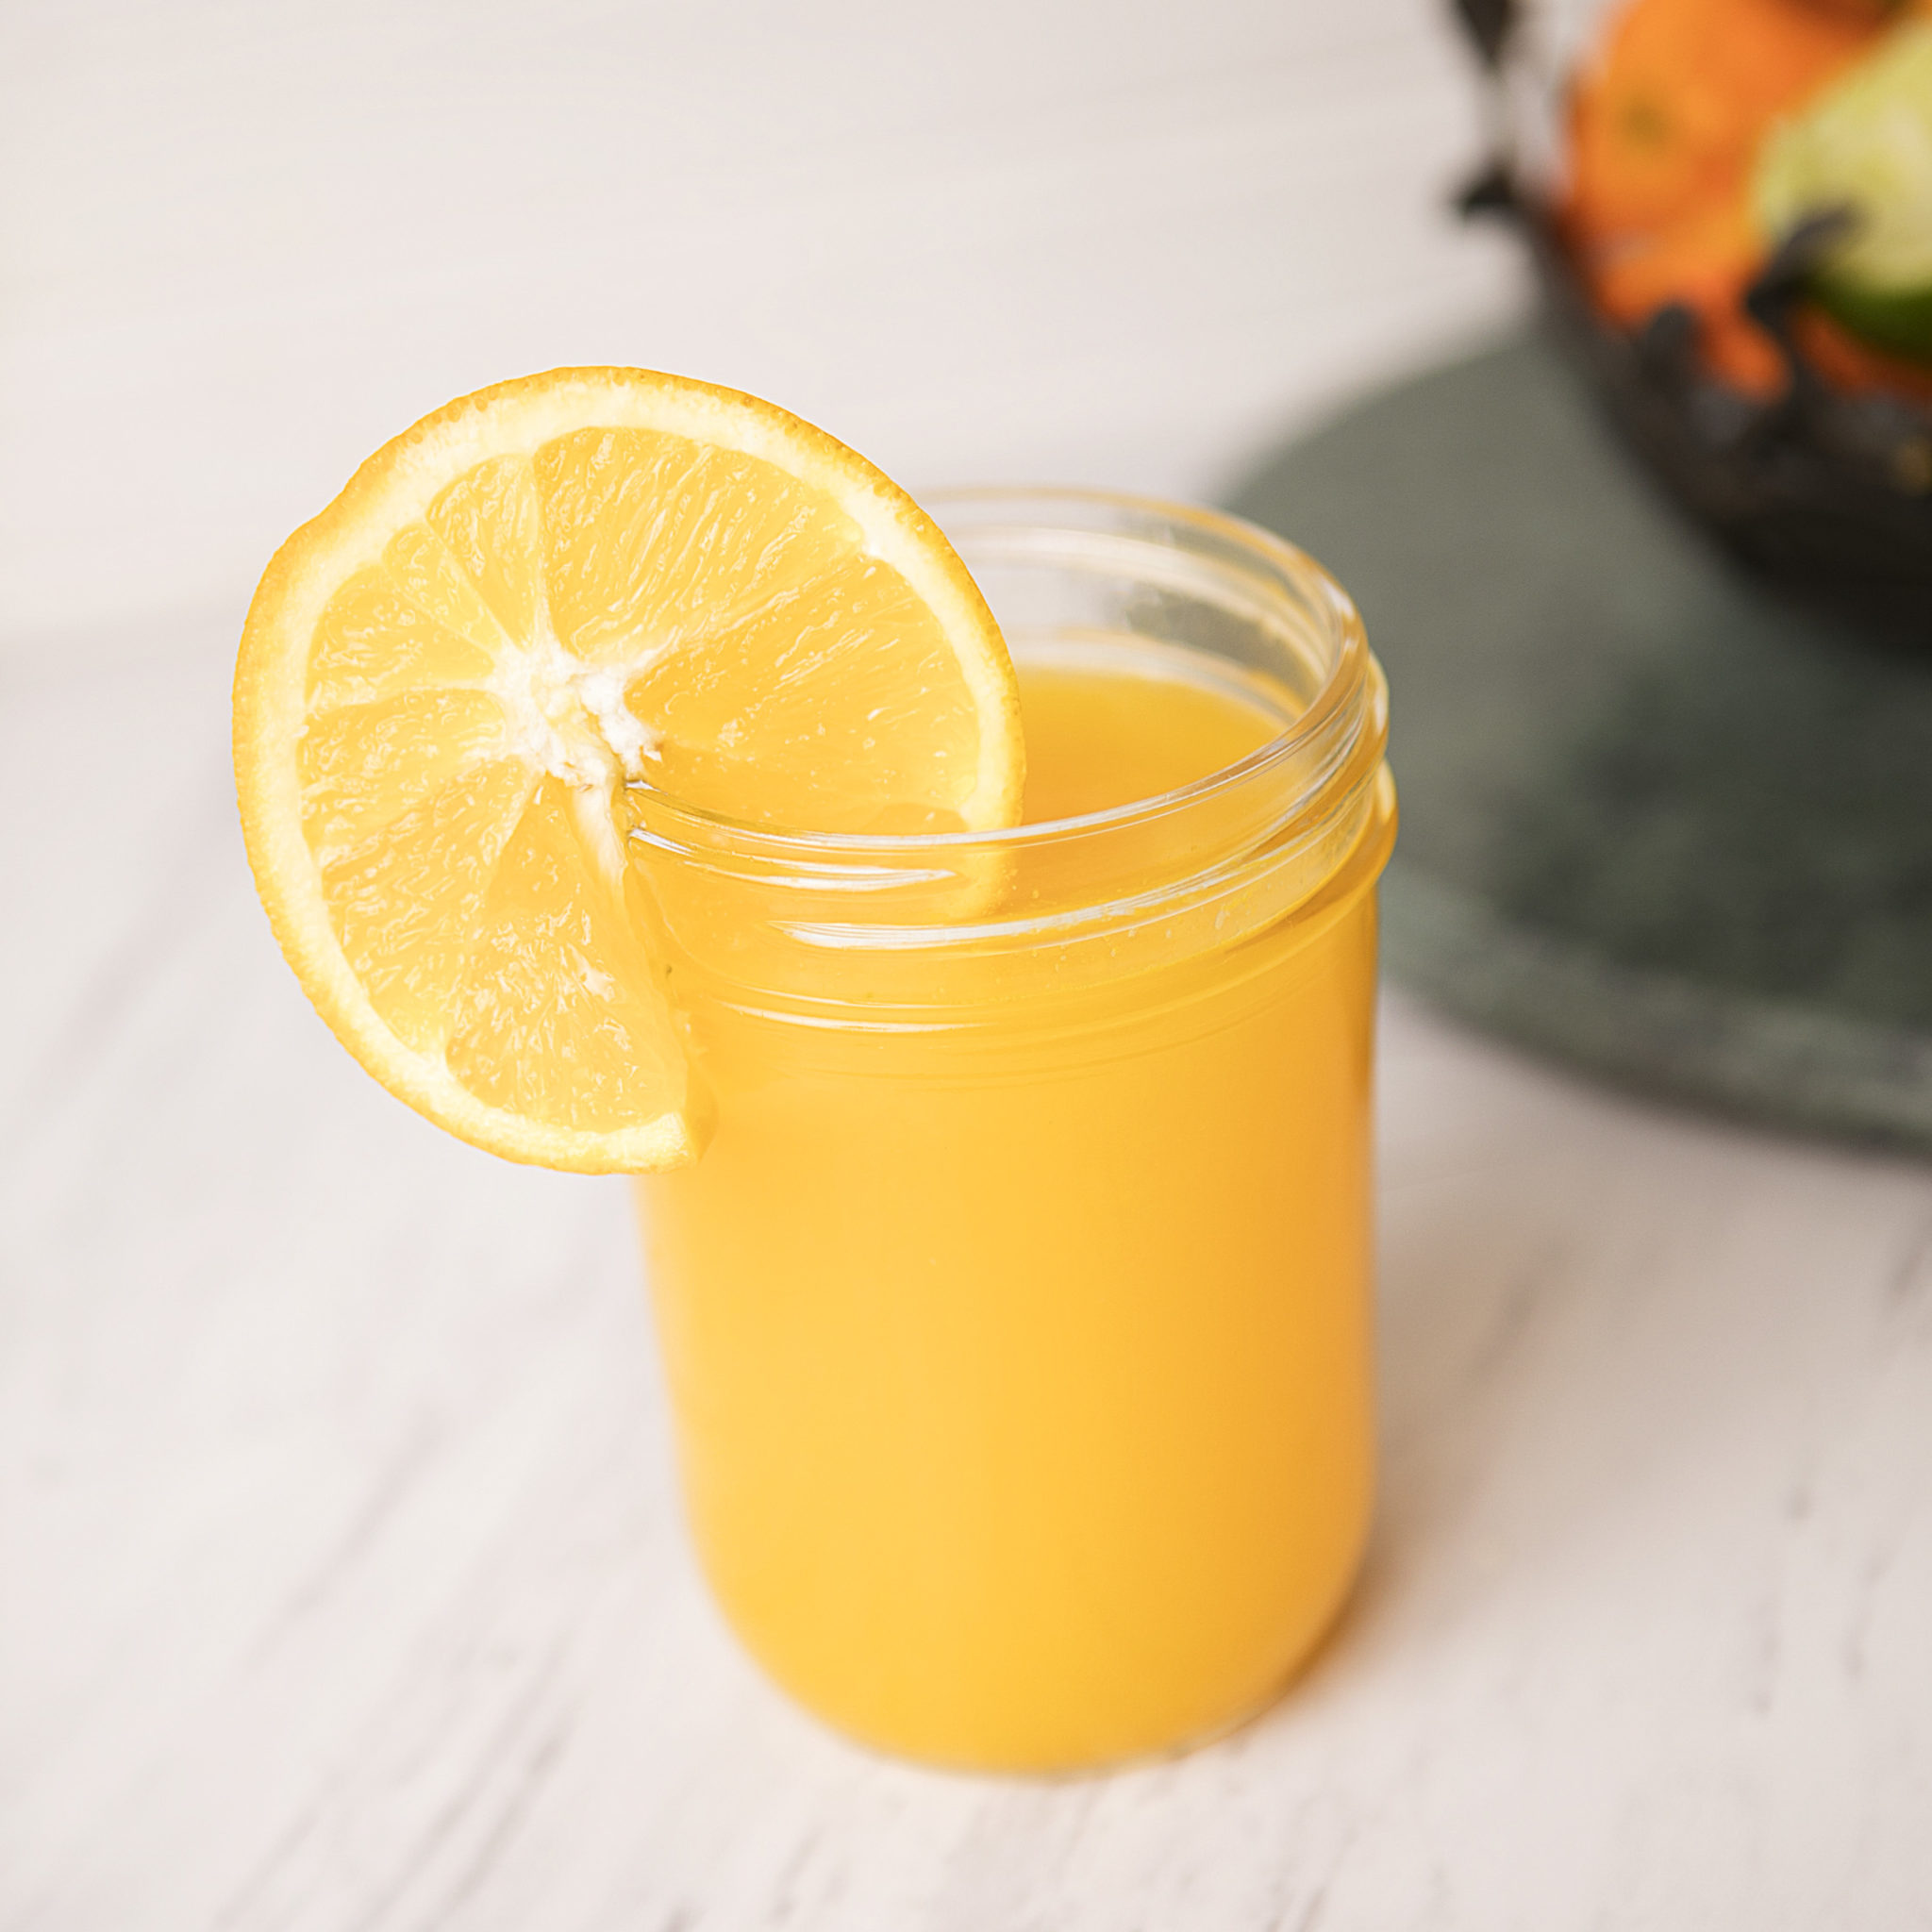 Orange and Lime Detox Drink